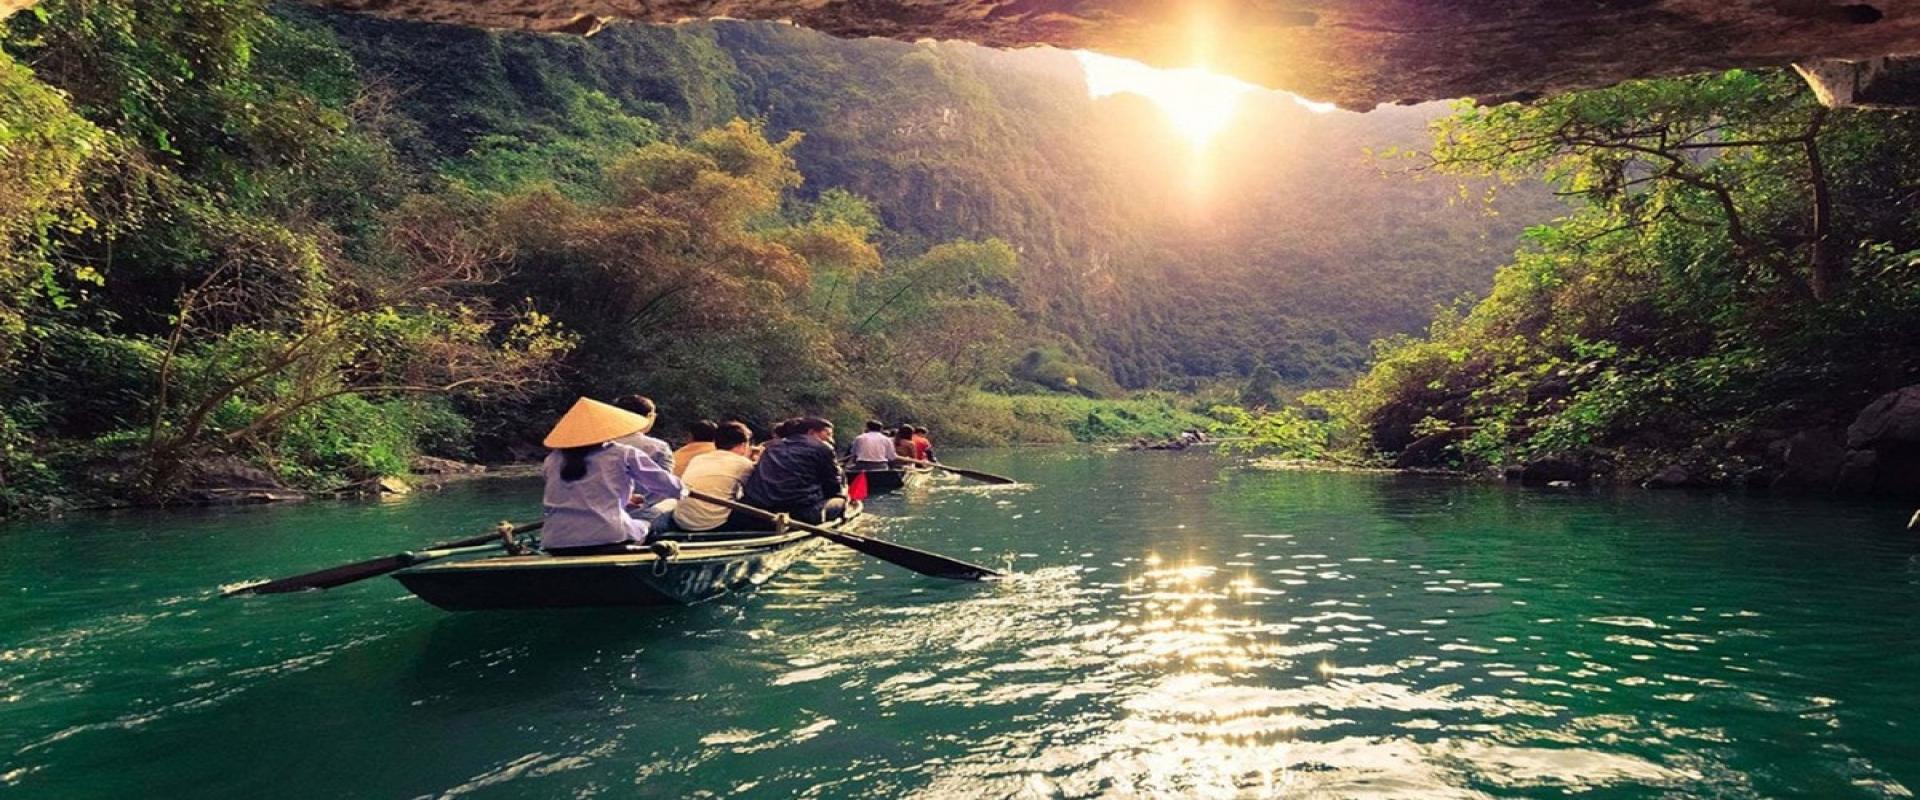 FAMILY INDOCHINA: VIETNAM, CAMBODIA & LAOS